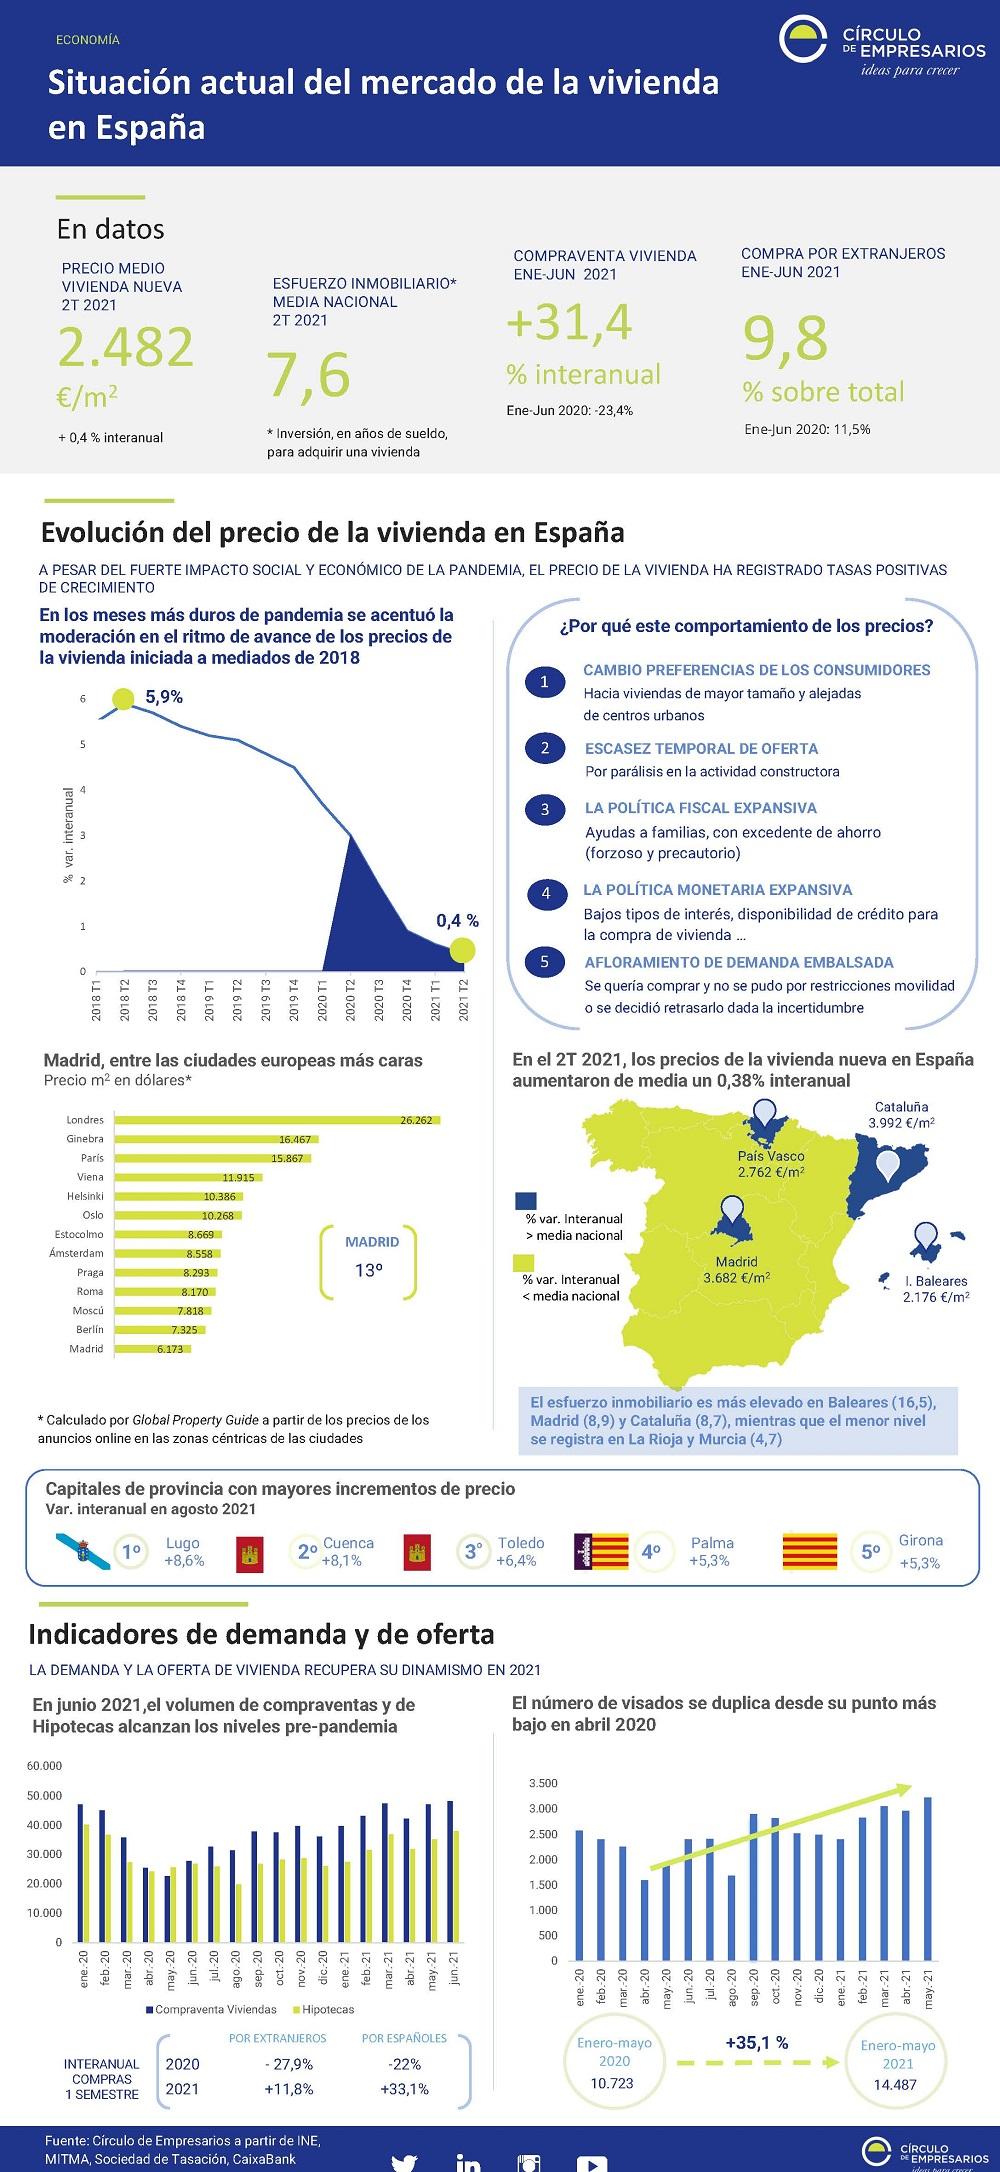 Situacion-actual-de-la-vivienda-en-Espana-Septiembre-2021-Circulo-de-Empresarios